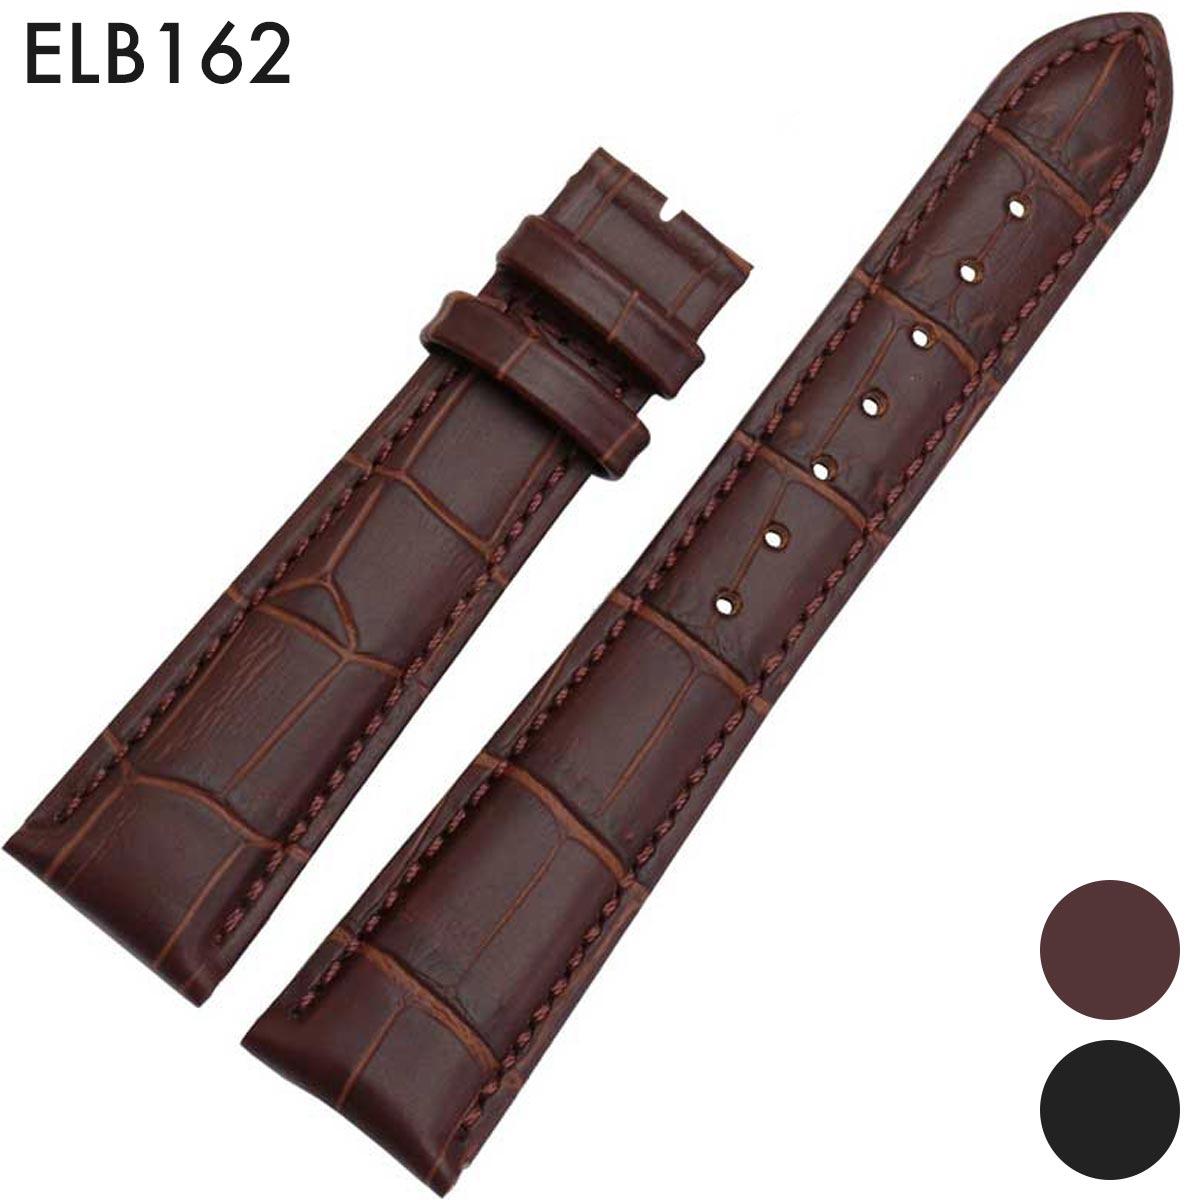 腕時計用アクセサリー, 腕時計用ベルト・バンド  20mm : Patek Philippe ZENIS Breguet () Eight - ELB162